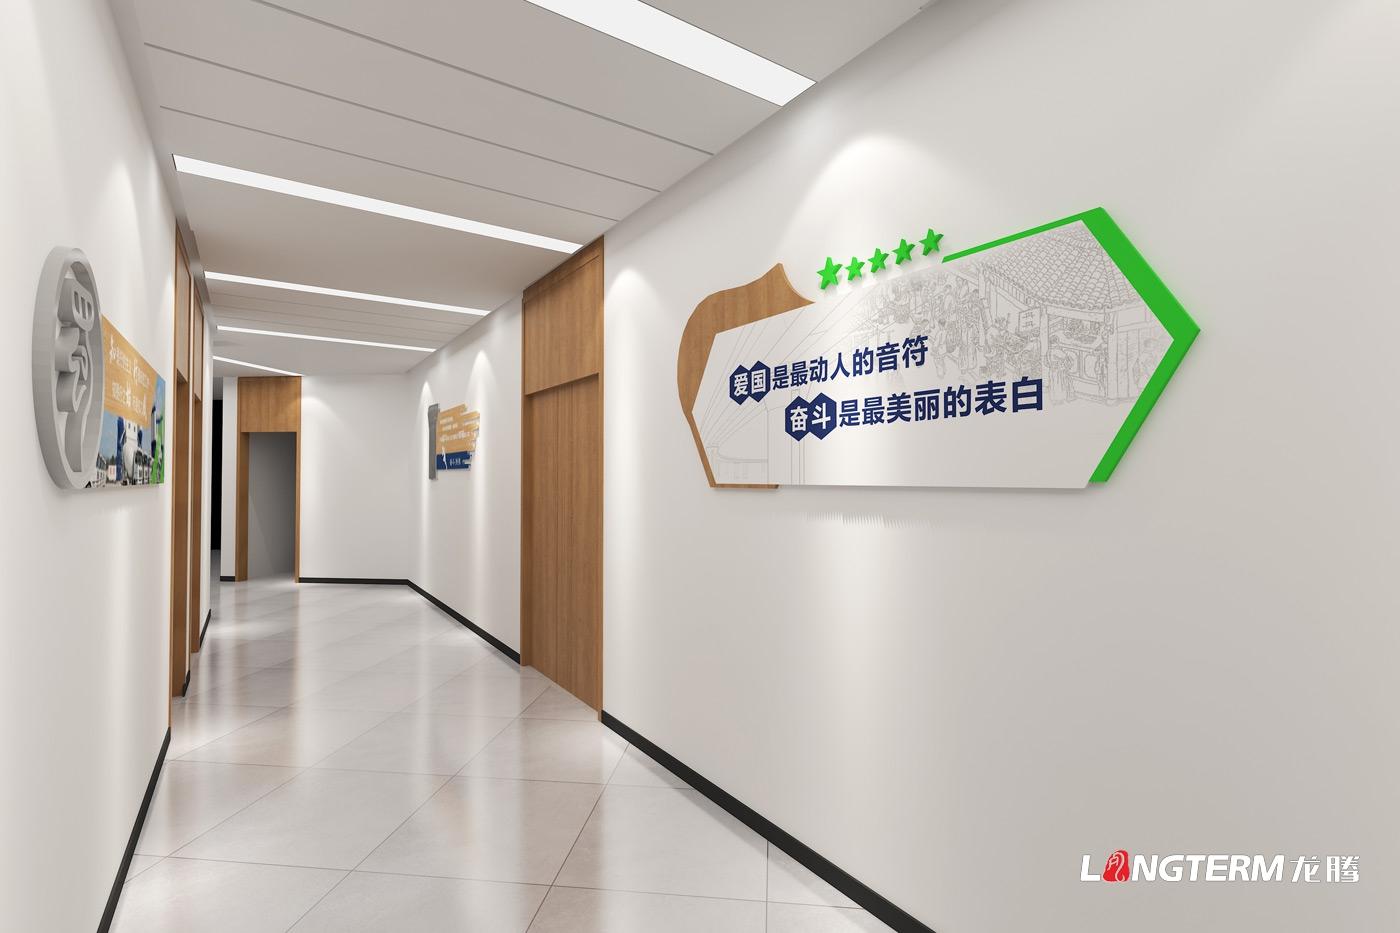 成都蜀源港泰新型建材有限公司企业文化亿博国际app下载